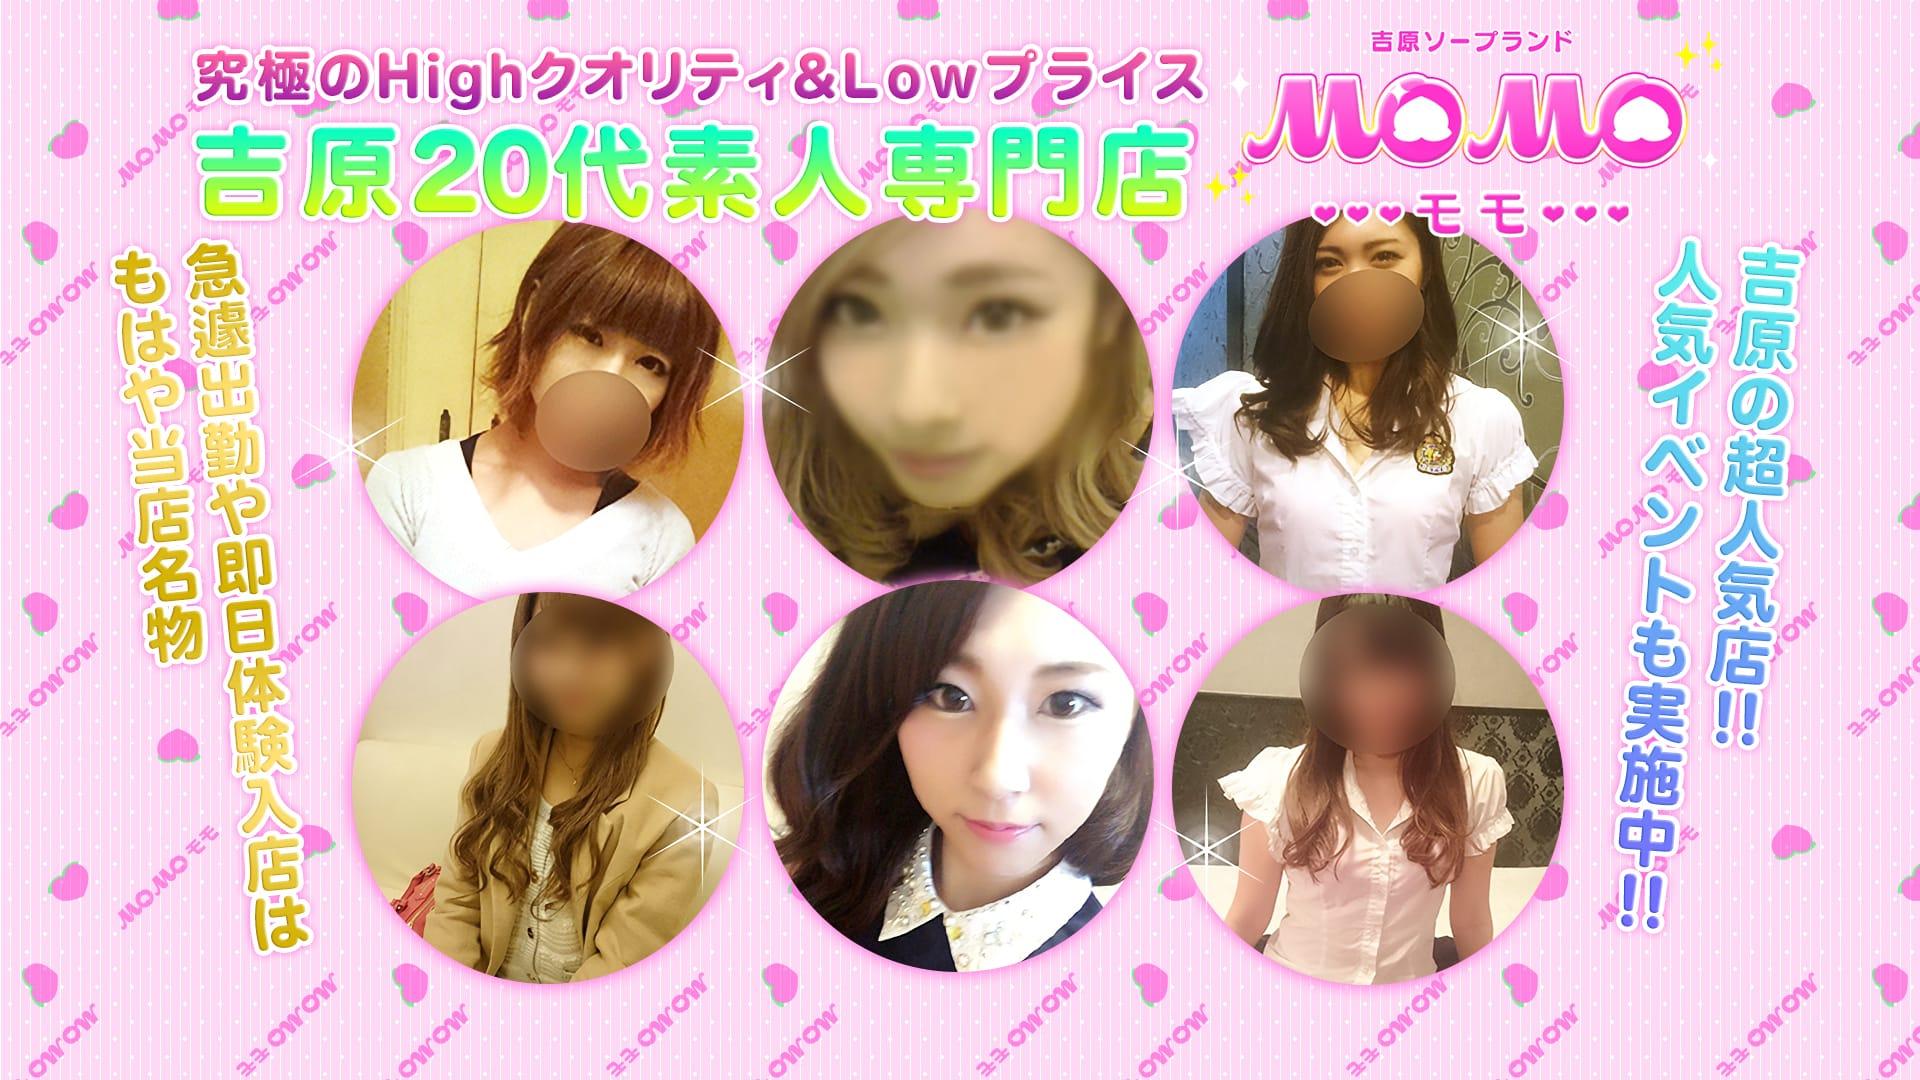 MOMO(モモ)